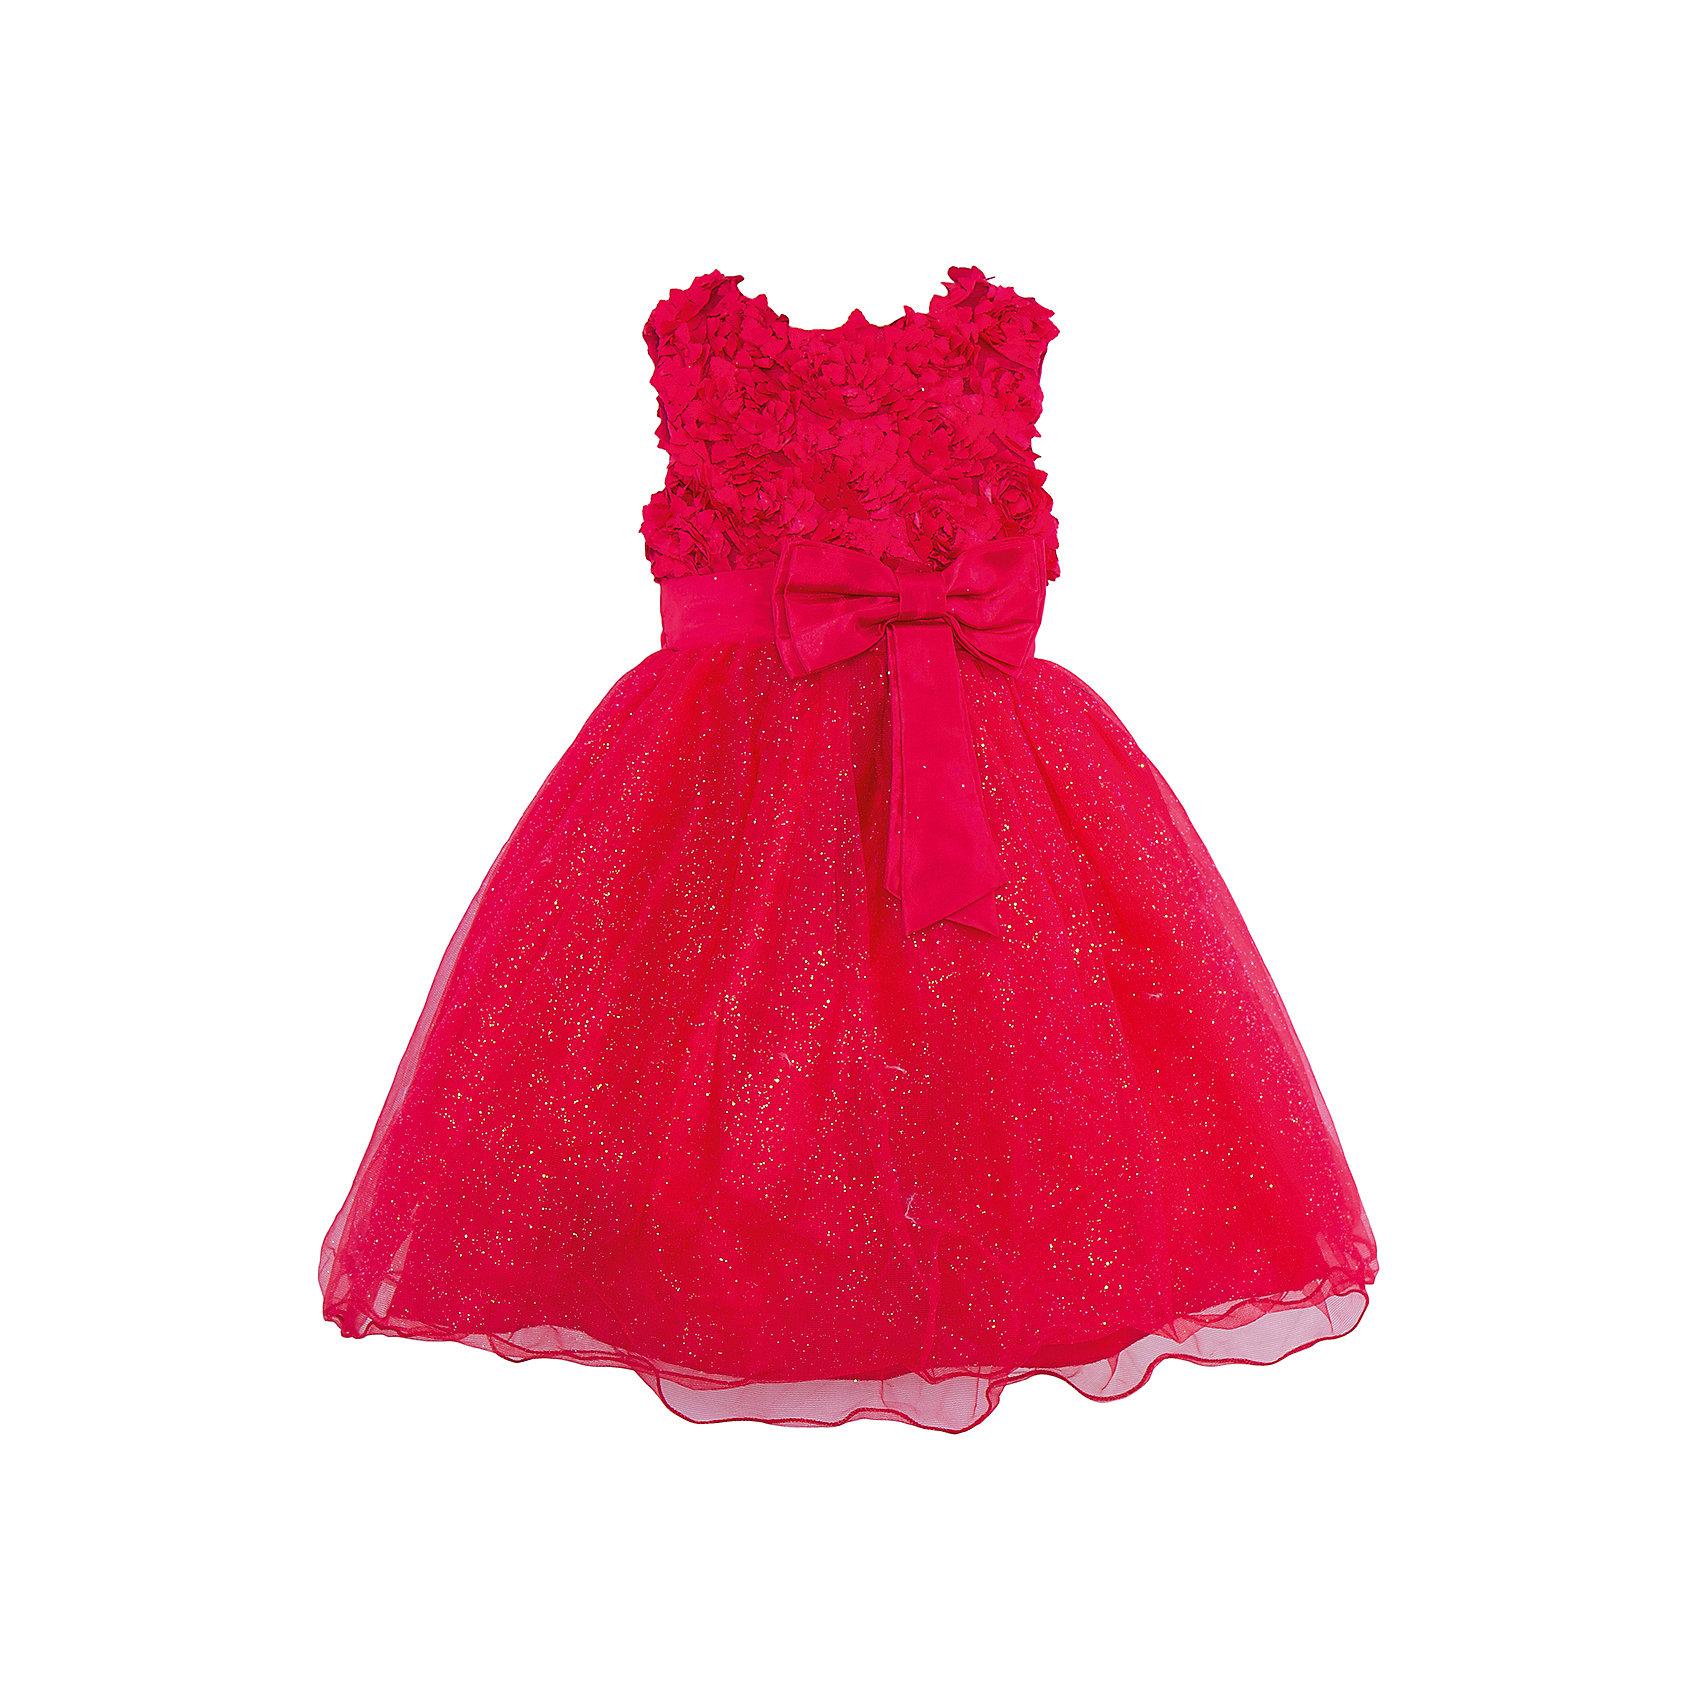 Нарядное платье для девочки Sweet BerryОдежда<br>Характеристики:<br><br>• Вид одежды: платье<br>• Предназначение: для праздника, торжеств<br>• Сезон: круглый год<br>• Материал: верх – 100% полиэстер; подкладка – 100% хлопок<br>• Цвет: рубиновый<br>• Силуэт: классический А-силуэт<br>• Длина платья: миди<br>• Вырез горловины: круглый<br>• Наличие пояса с бантом спереди<br>• Застежка: молния на спинке<br>• Особенности ухода: ручная стирка без применения отбеливающих средств, глажение при низкой температуре <br><br>Sweet Berry – это производитель, который сочетает в своей одежде функциональность, качество, стиль и следование современным мировым тенденциям в детской текстильной индустрии. <br>Рубиновое платье для девочки от знаменитого производителя детской одежды Sweet Berry выполнено из полиэстера с хлопковой подкладкой. Изделие имеет классический силуэт с отрезной талией и пышной юбкой, выполненной из нескольких слоев сетки. Пышность и объем юбке придает подъюбник. Оригинальная полочка выполнена из сетки с объемными лепестками роз, которые придают особую воздушность и объем платью. Талия декорирована поясом с бантом спереди. Праздничное платье от Sweet Berry – это залог успеха вашего ребенка на любом торжестве!<br><br>Платье для девочки Sweet Berry можно купить в нашем интернет-магазине.<br><br>Ширина мм: 236<br>Глубина мм: 16<br>Высота мм: 184<br>Вес г: 177<br>Цвет: красный<br>Возраст от месяцев: 60<br>Возраст до месяцев: 72<br>Пол: Женский<br>Возраст: Детский<br>Размер: 116,104,98,110,122,128<br>SKU: 5052126